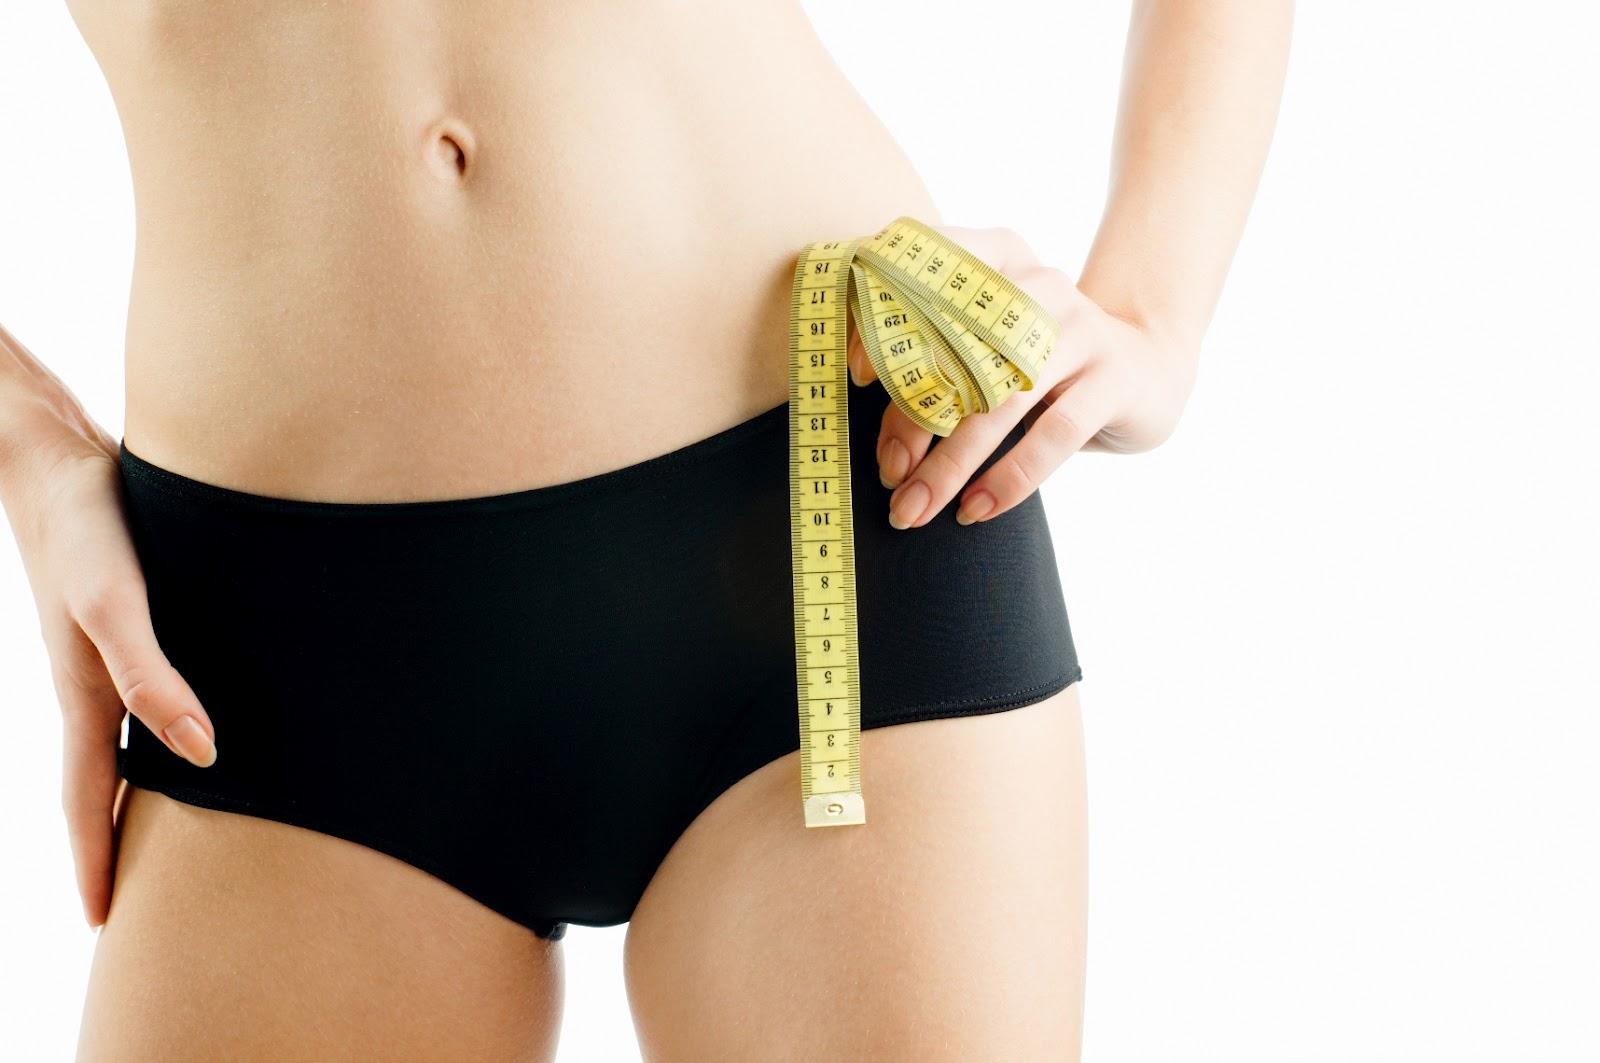 похудеть на 4 кг за месяц отзывы